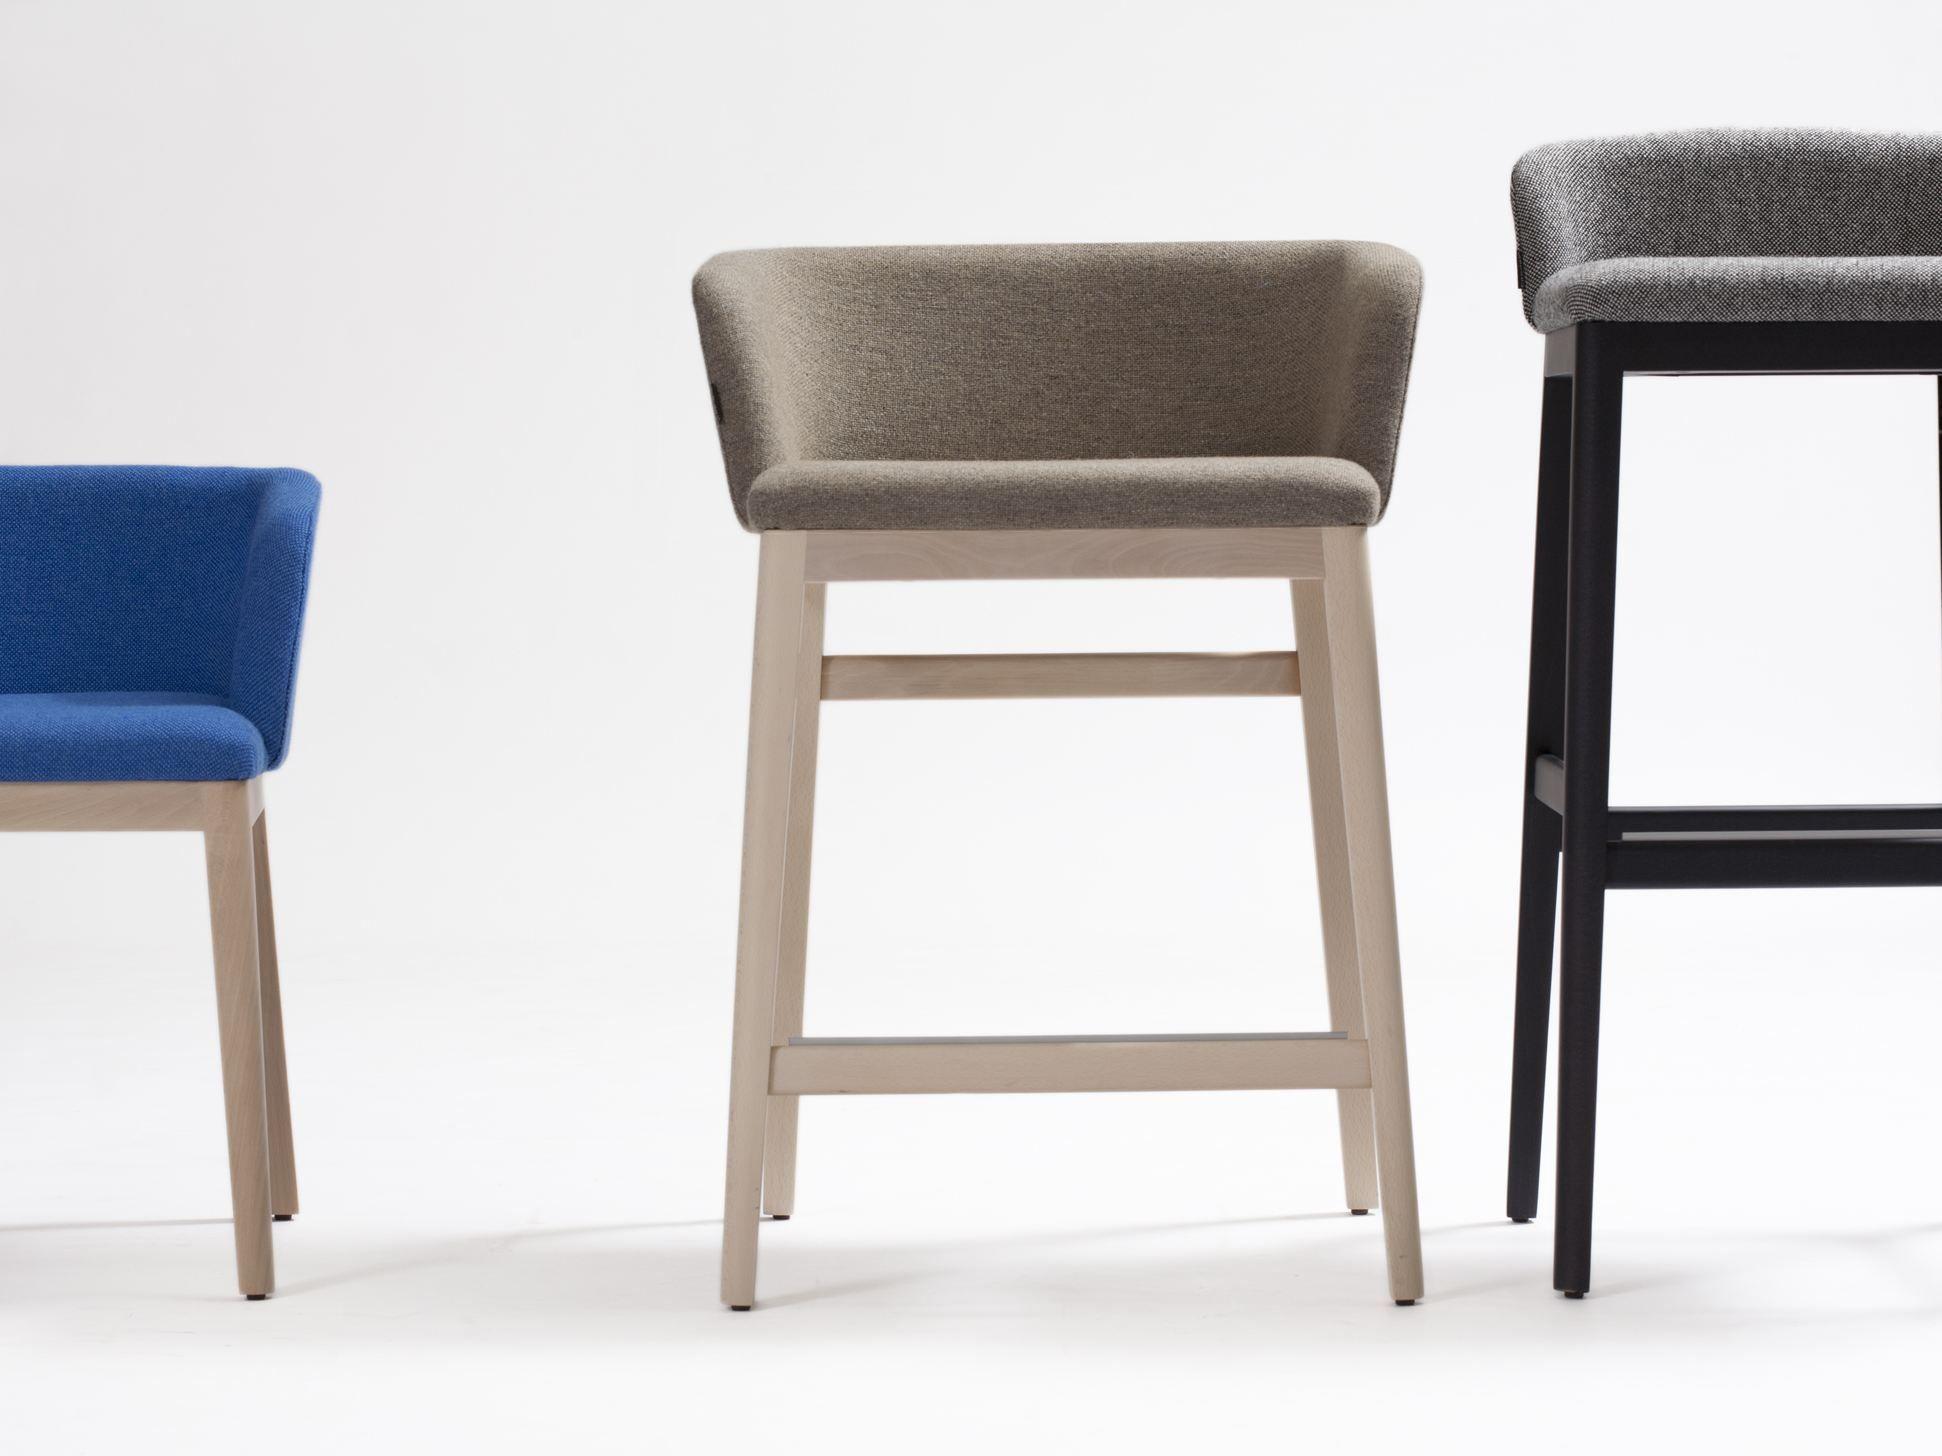 CONCORD Cadeira alta by Capdell design Claesson Koivisto Rune #1E3D6E 1942x1456